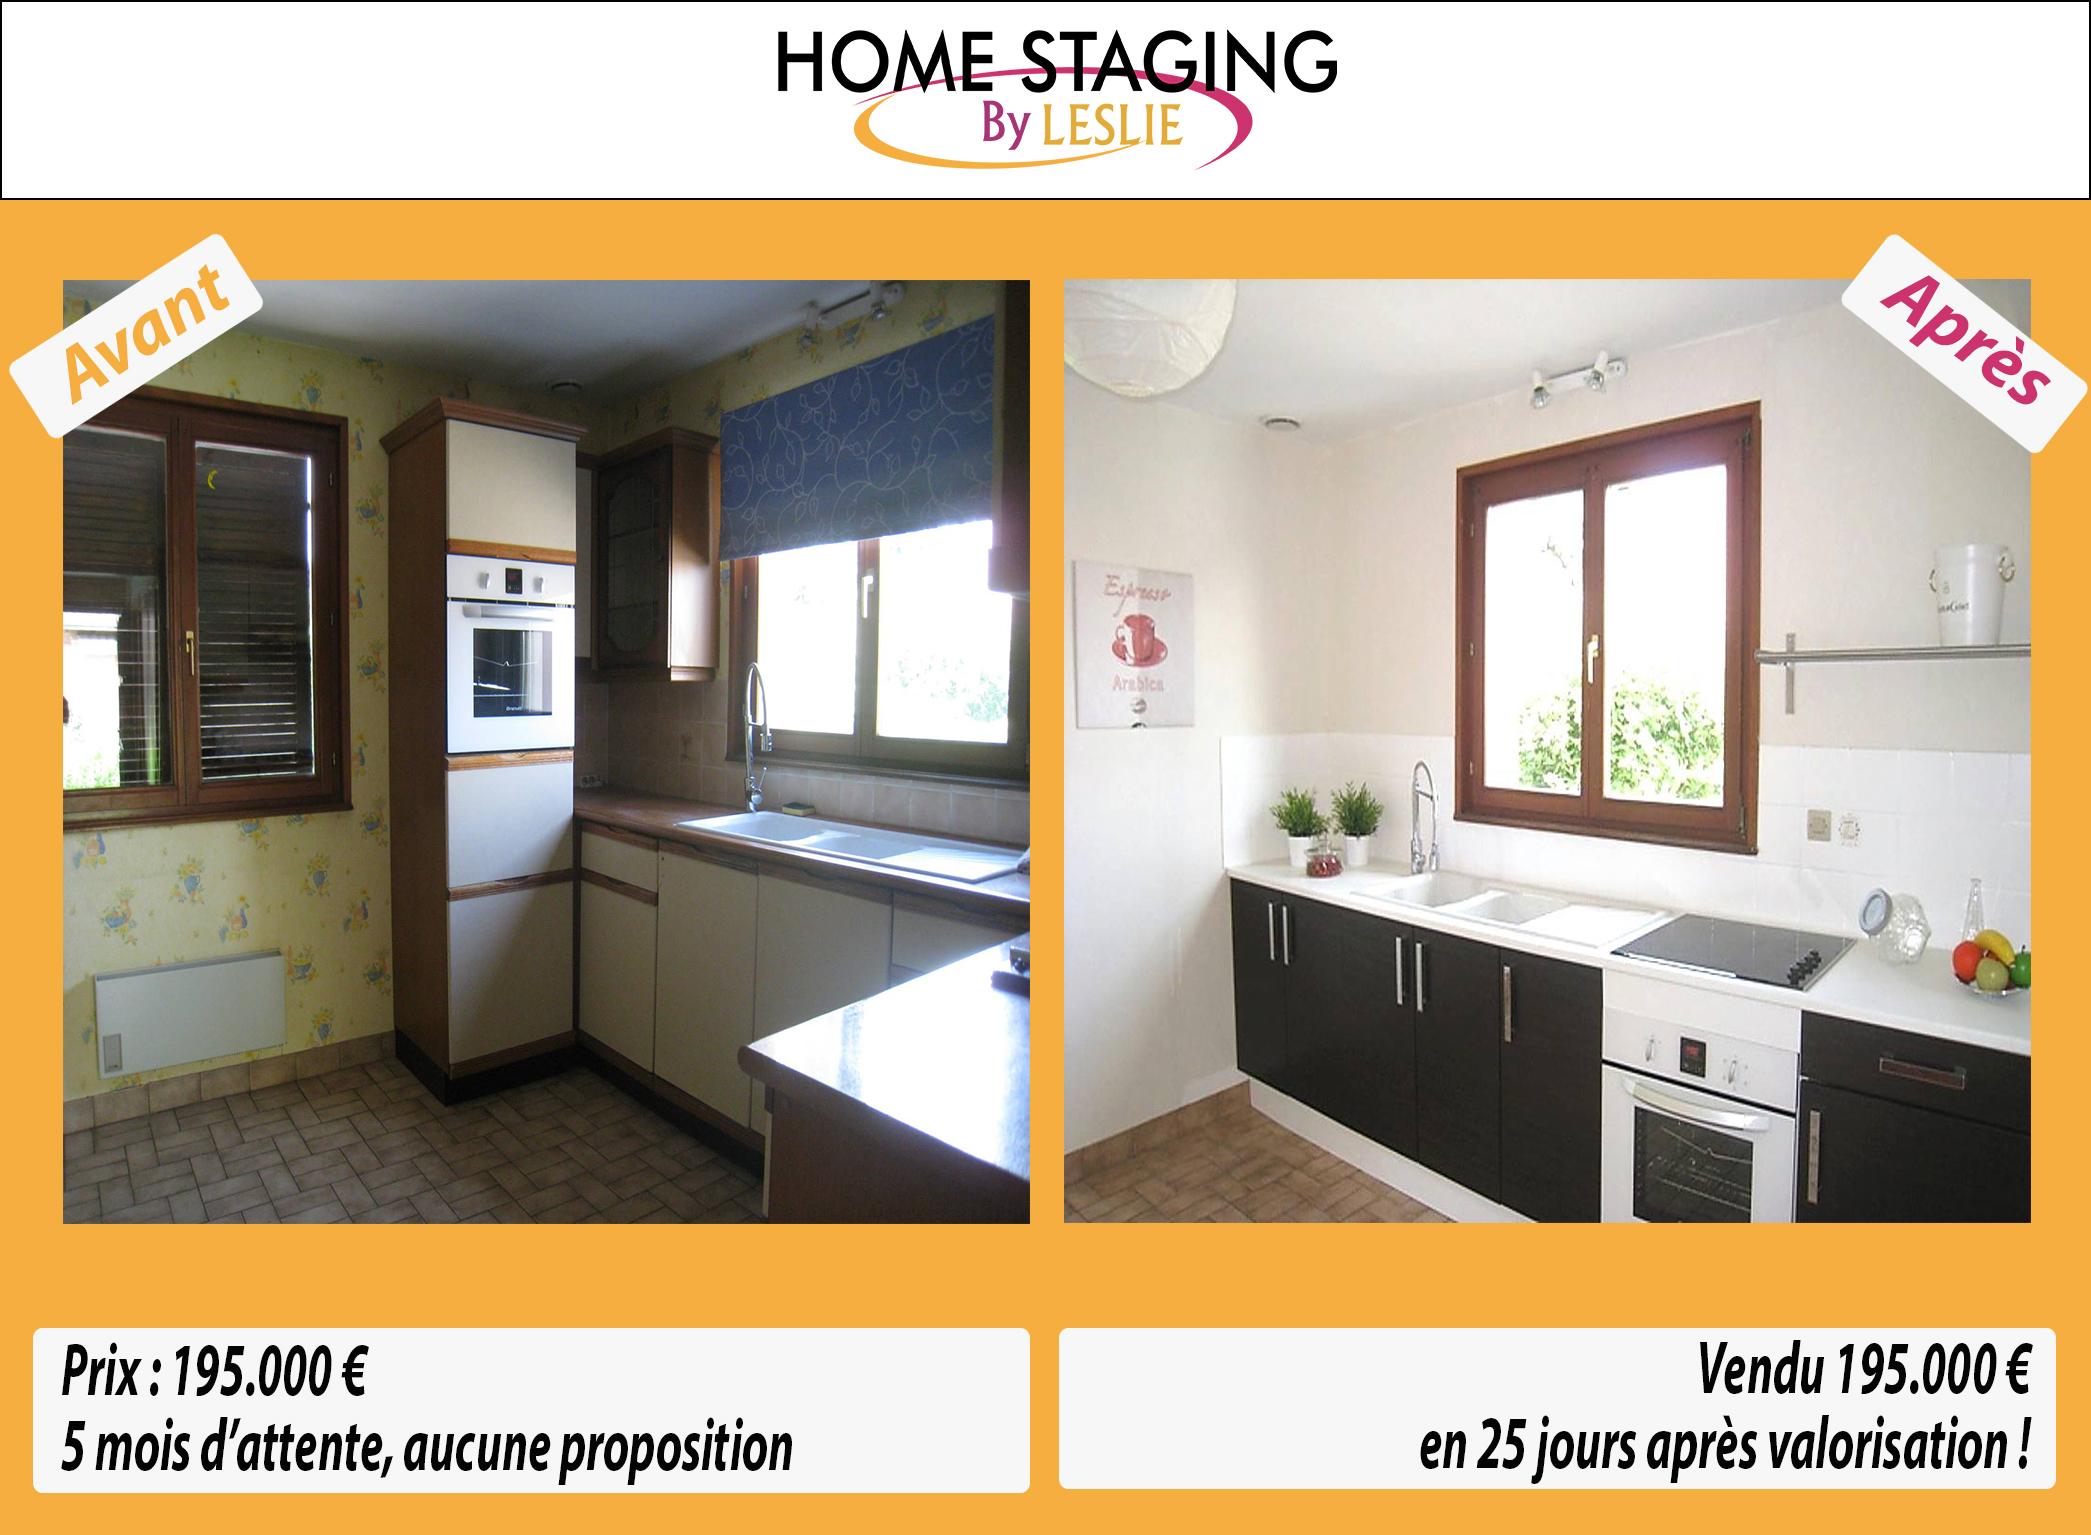 home staging by leslie. Black Bedroom Furniture Sets. Home Design Ideas